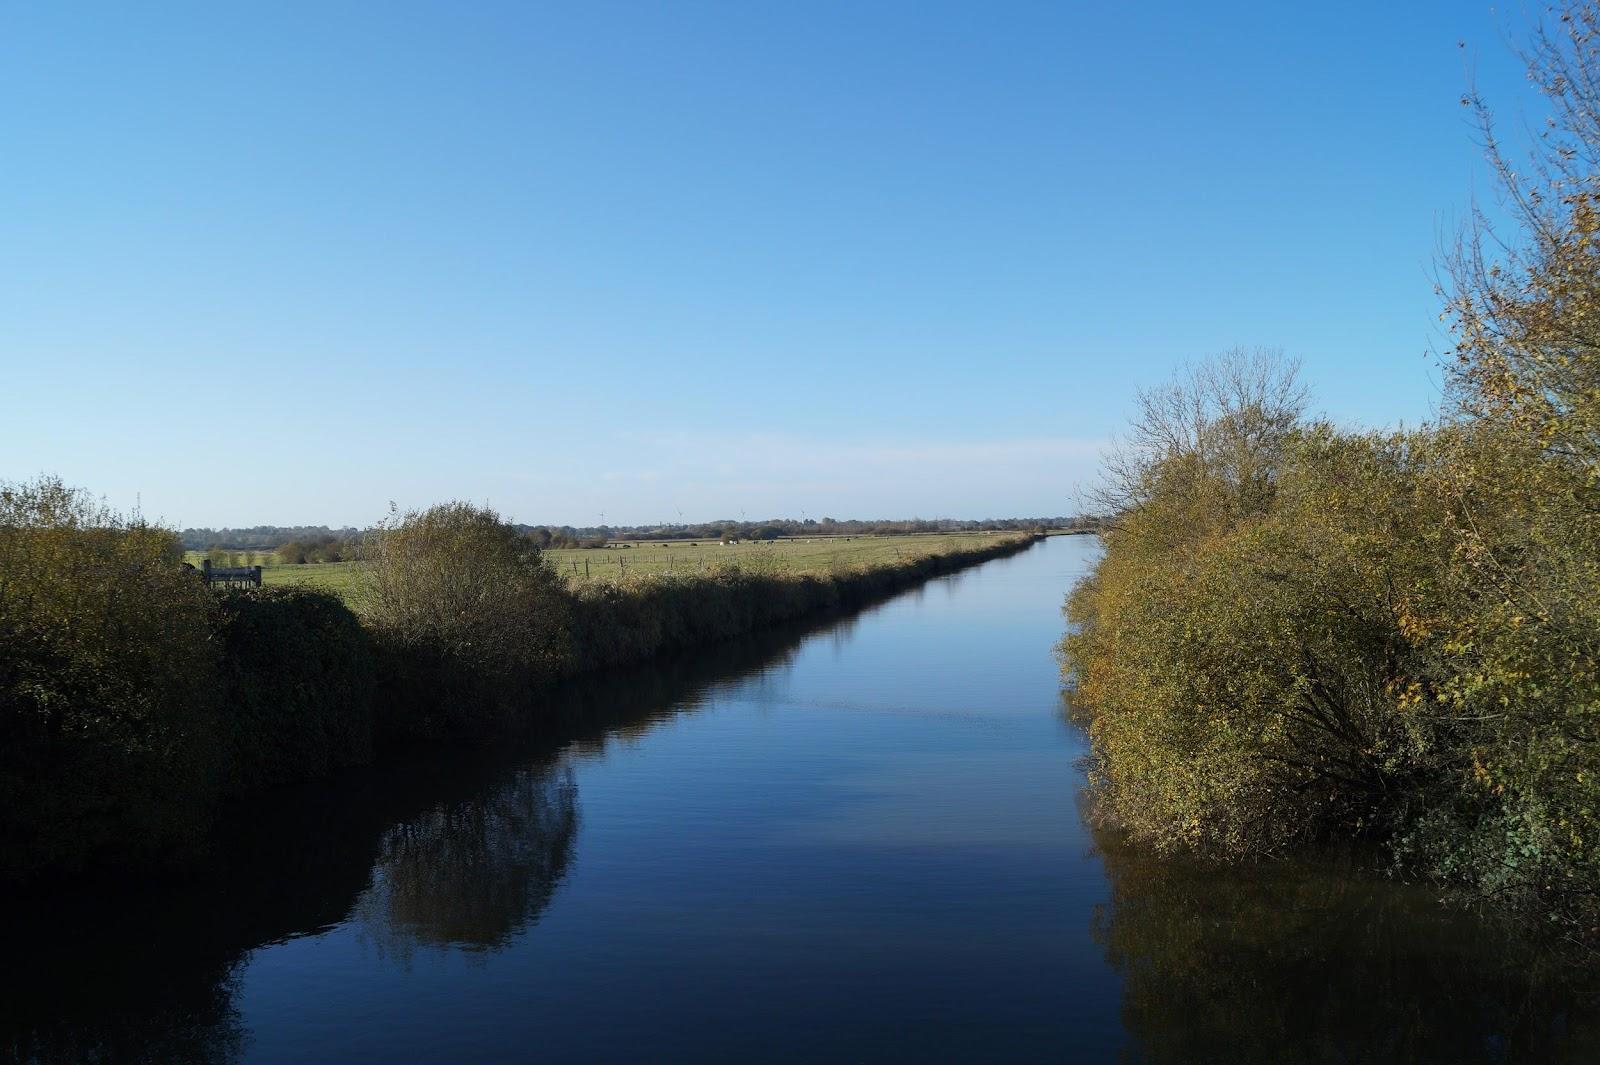 Douve river